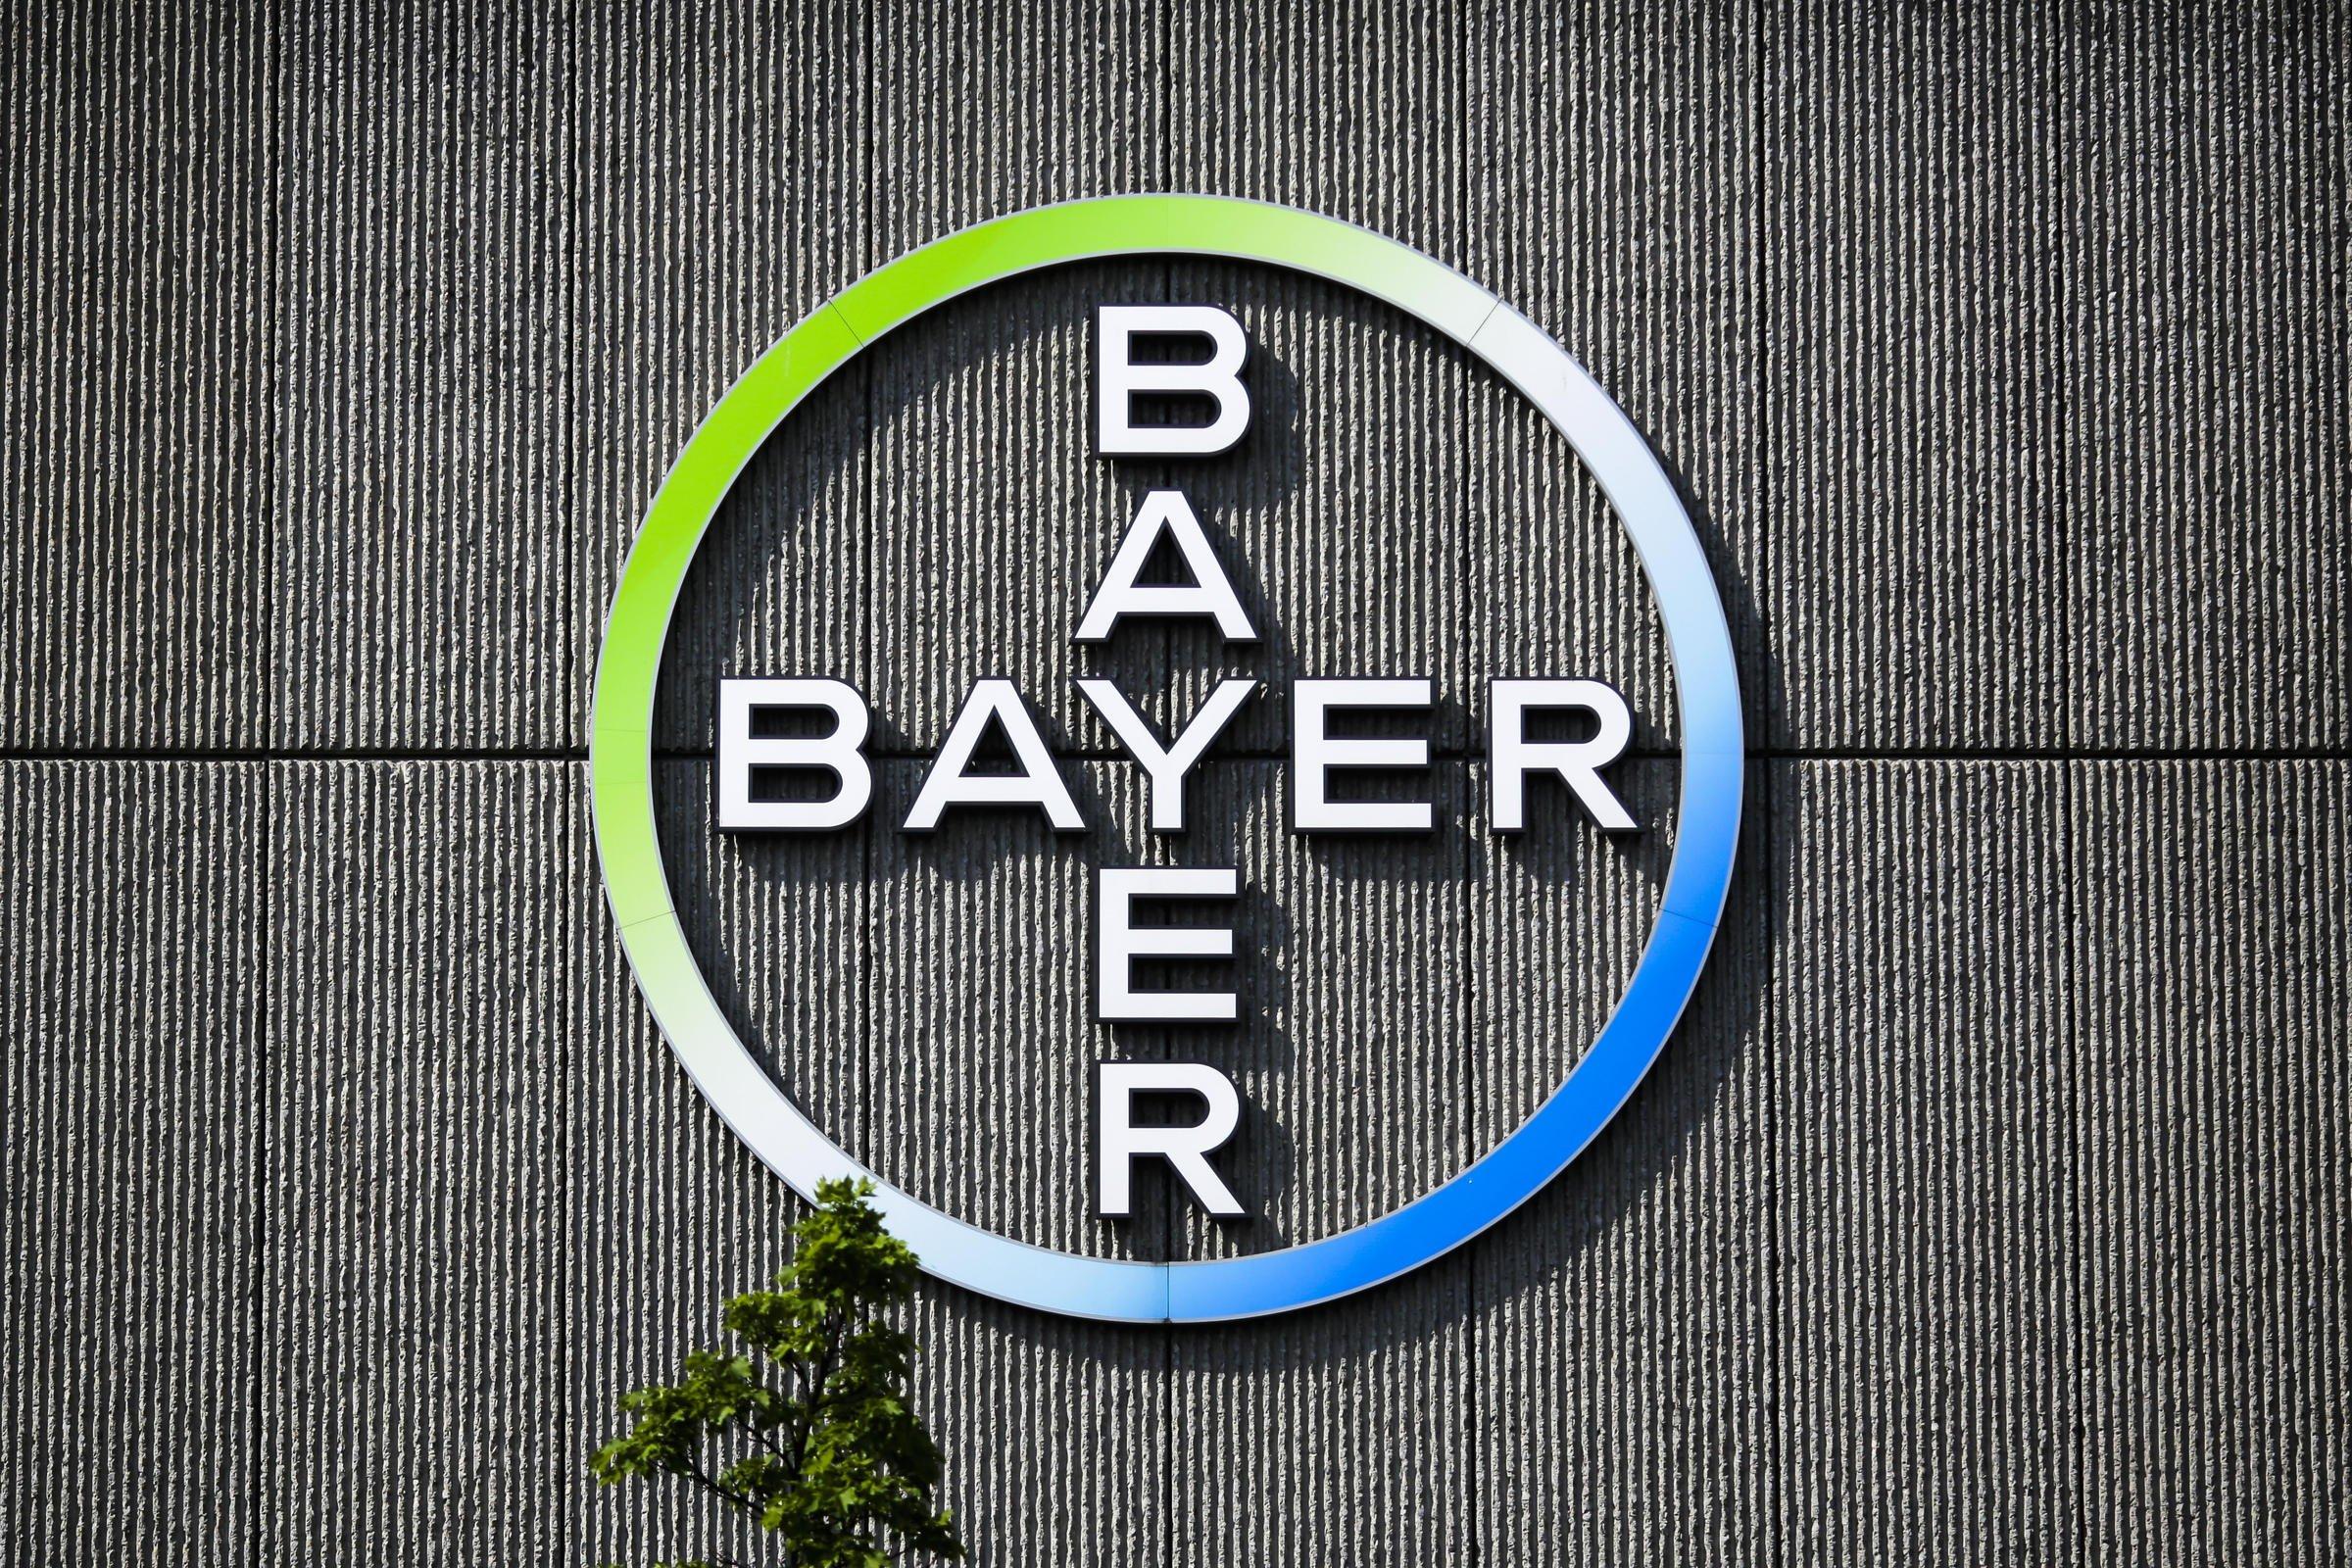 ФАС одобрила сделку по закупке Bayer компании Monsanto